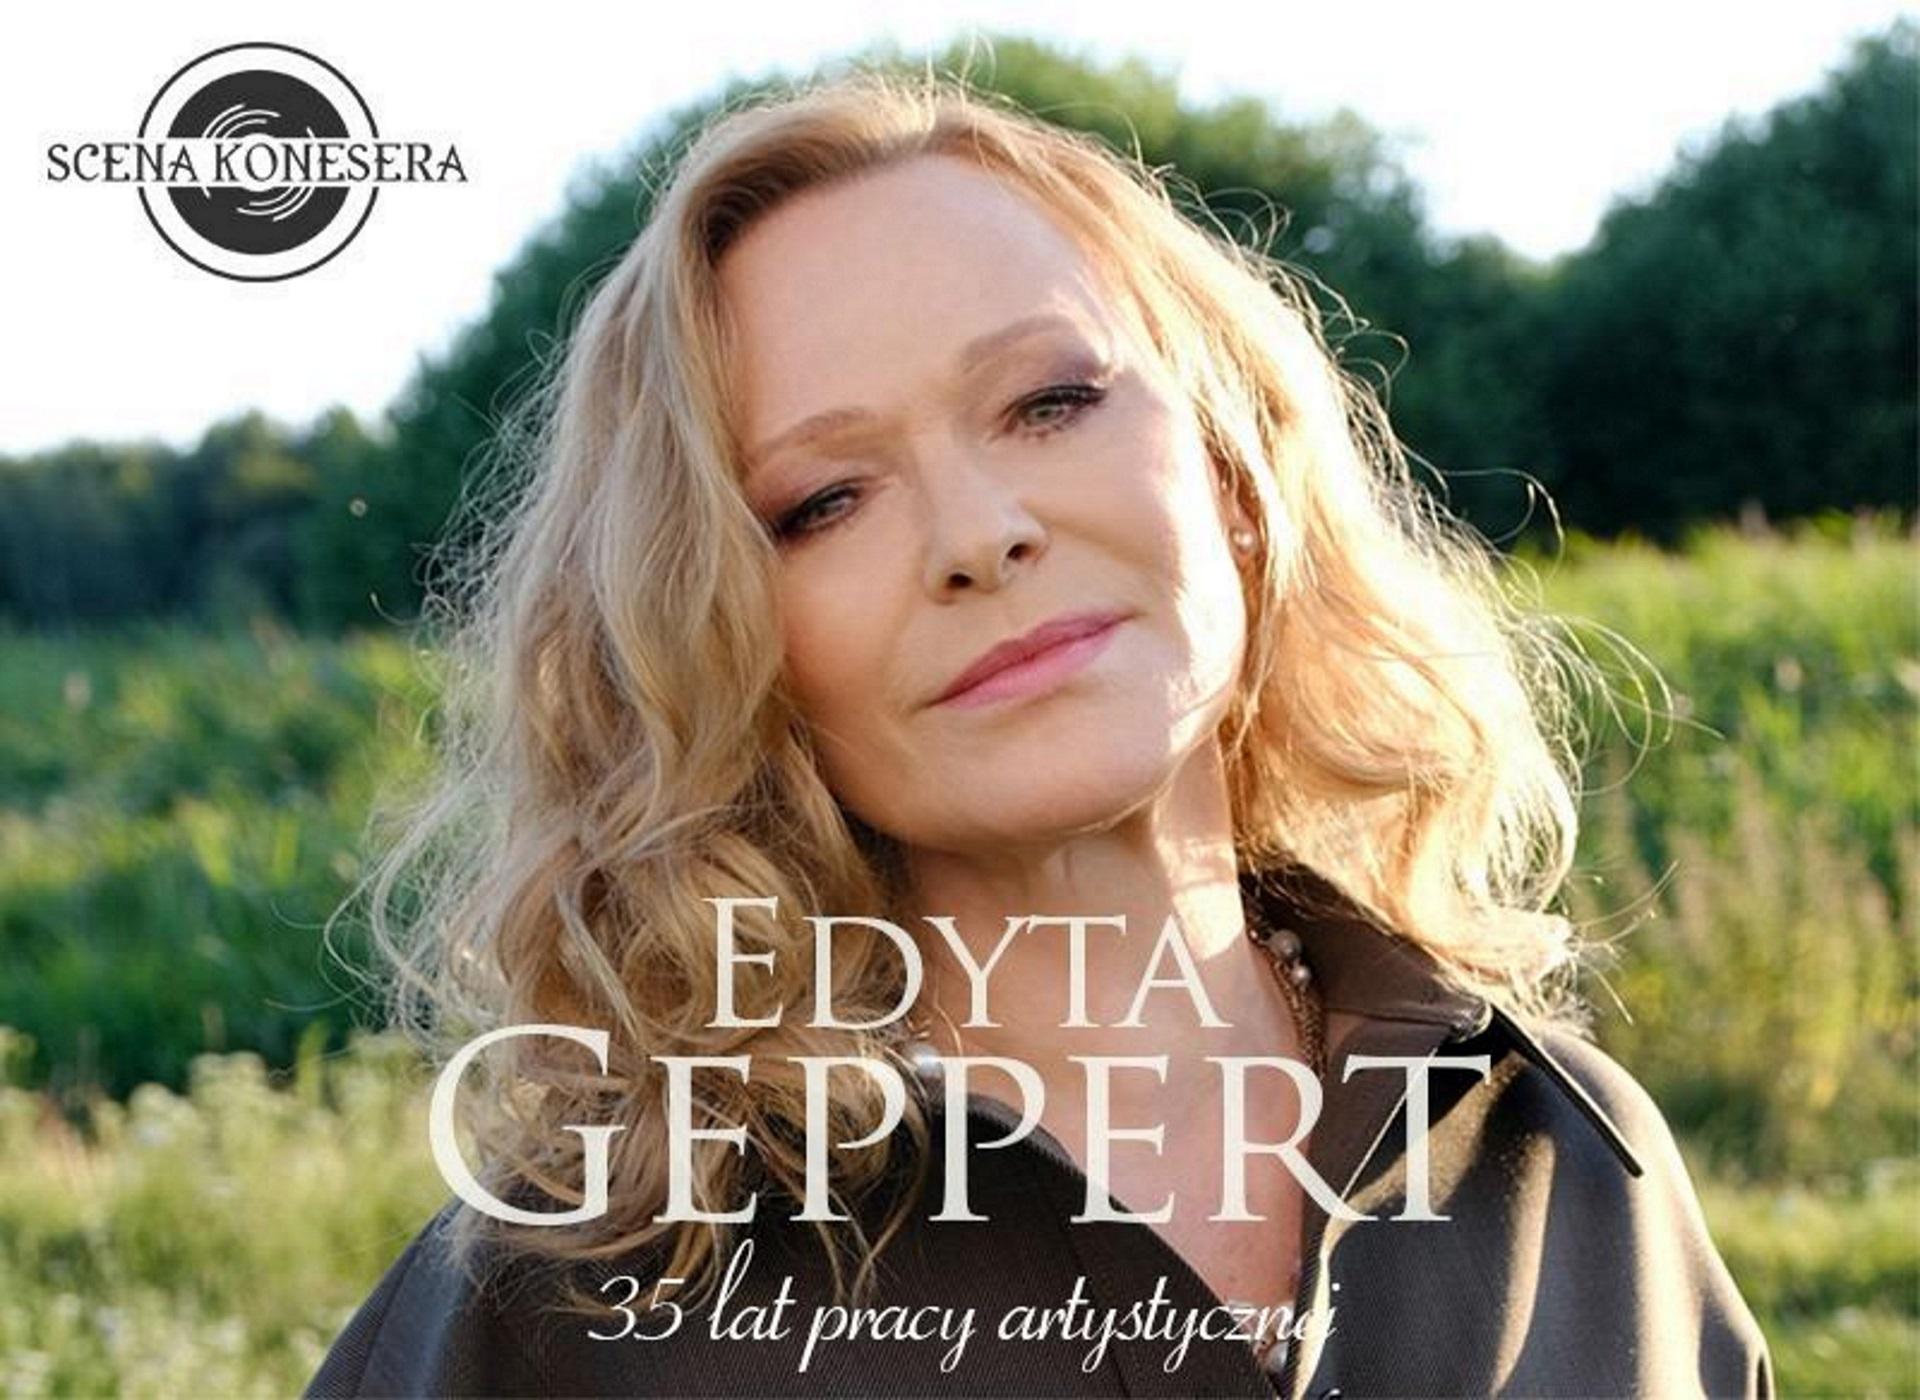 Zdjęcie - plakat na którym widoczna jest artystka, piosenkarka Edyta Gepert